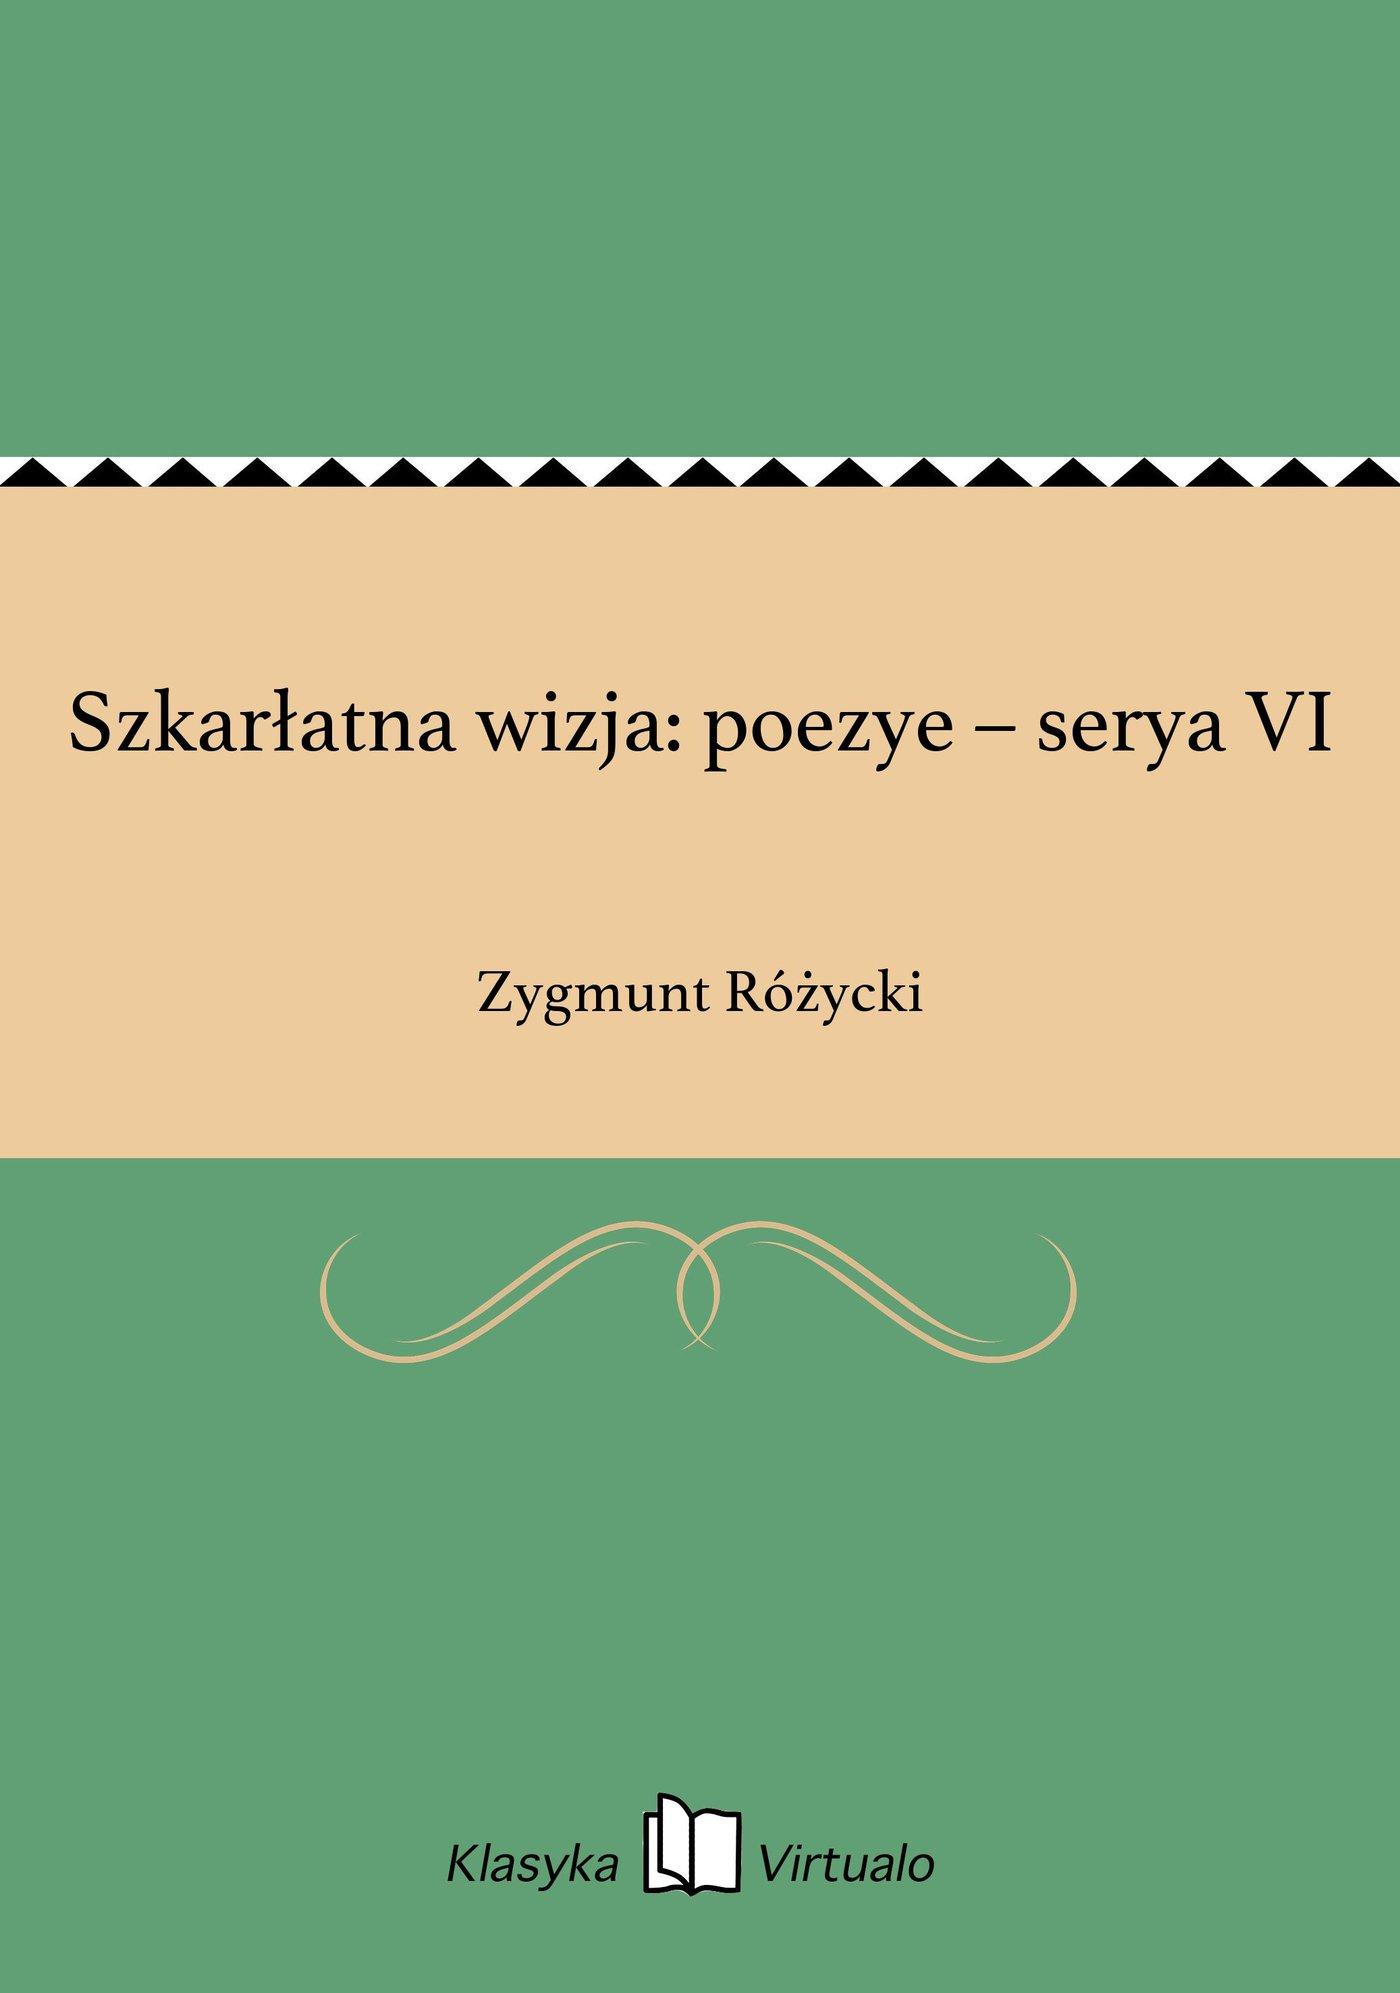 Szkarłatna wizja: poezye – serya VI - Ebook (Książka EPUB) do pobrania w formacie EPUB